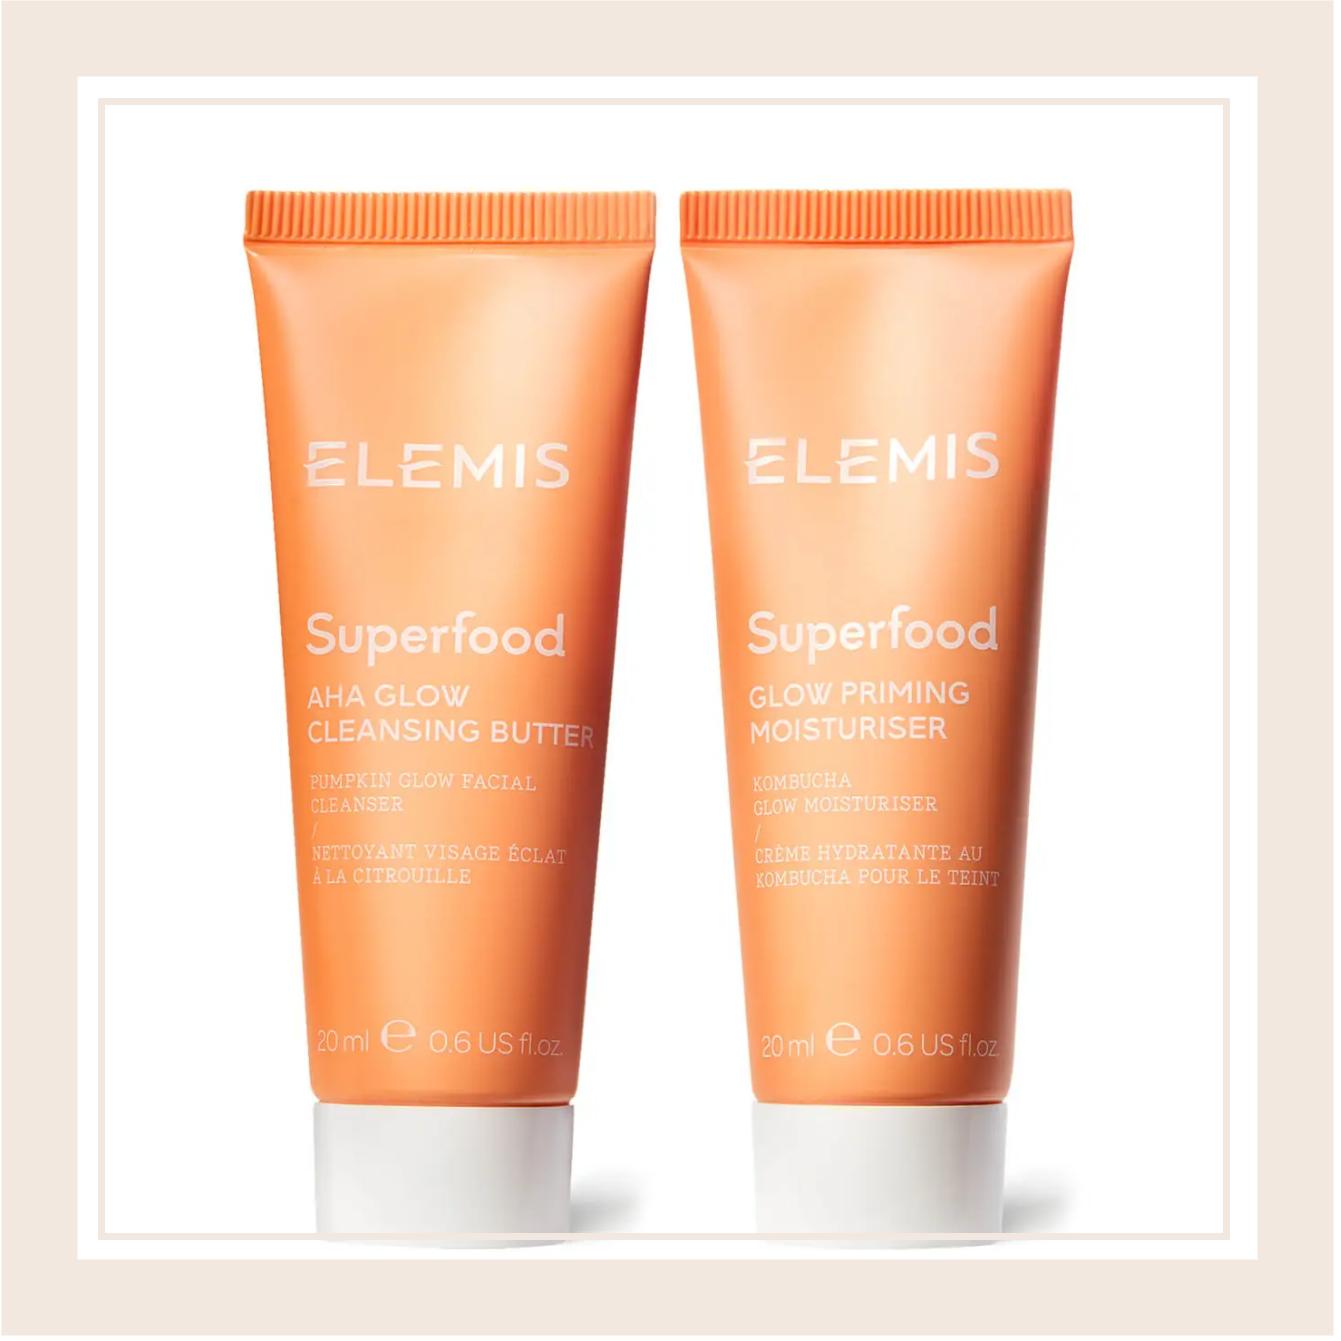 又是一只大肥羊!ELEMIS/艾丽美 食物滋养系列肌肤焕亮套装